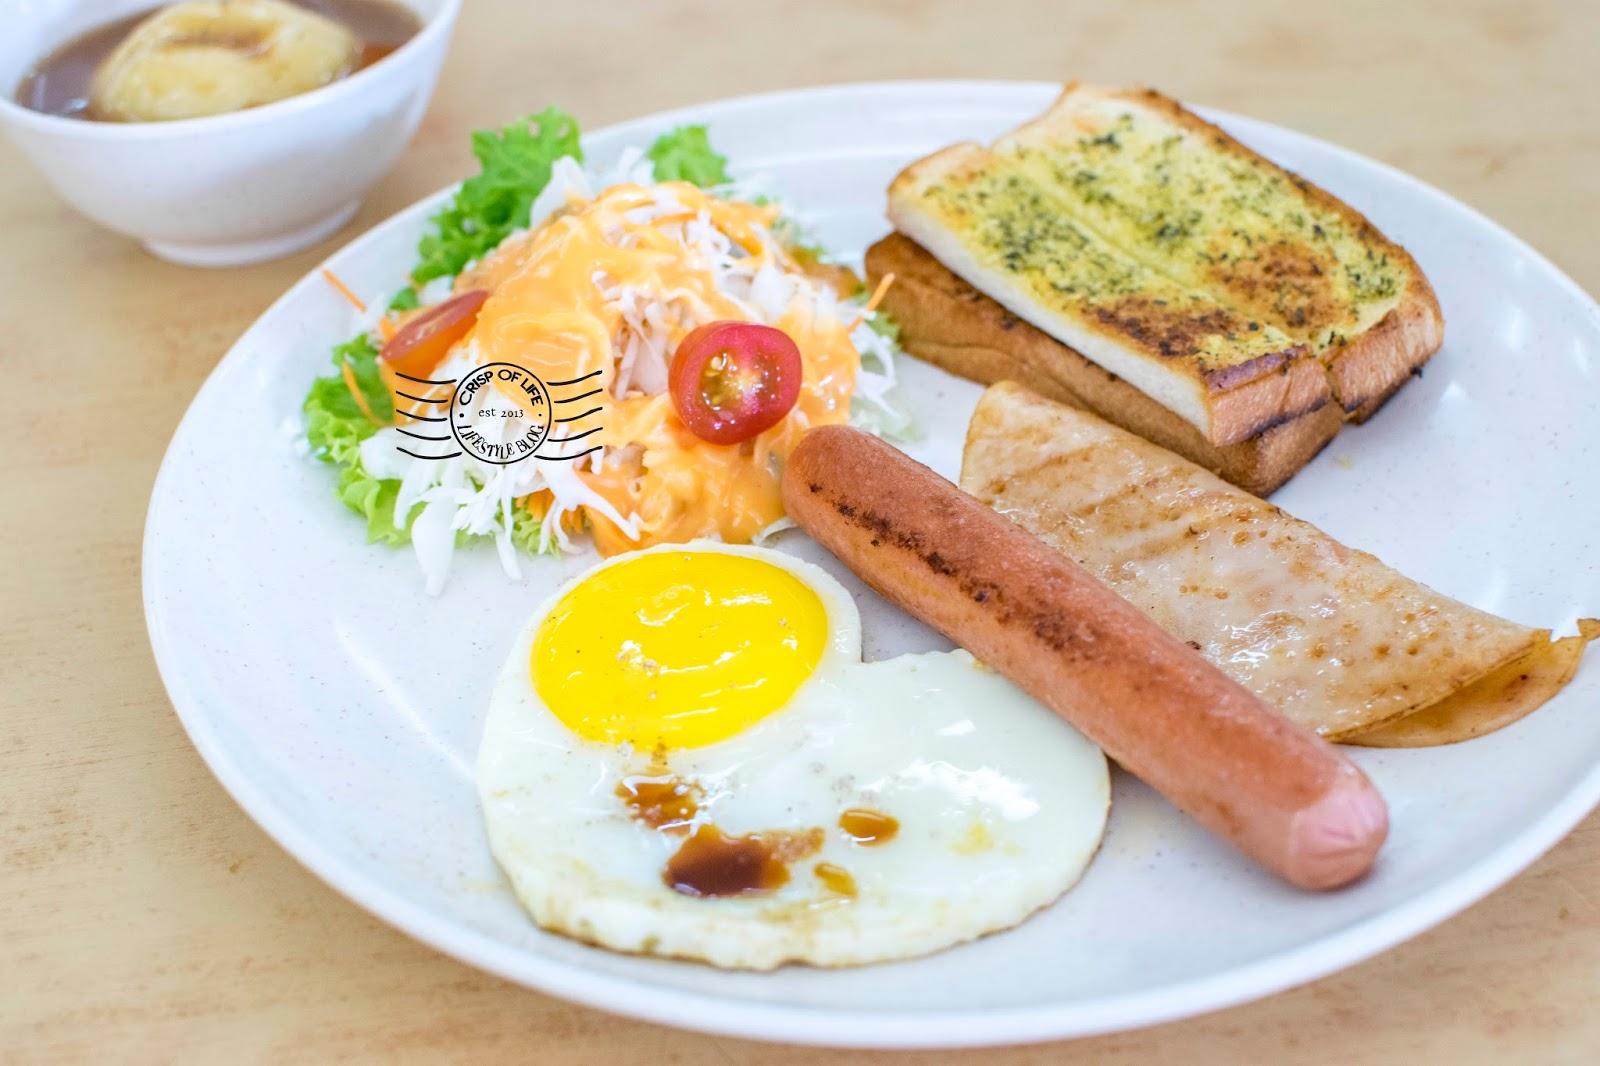 Breakfast and western food in Penang. Good Morning Breakfast & Western Food